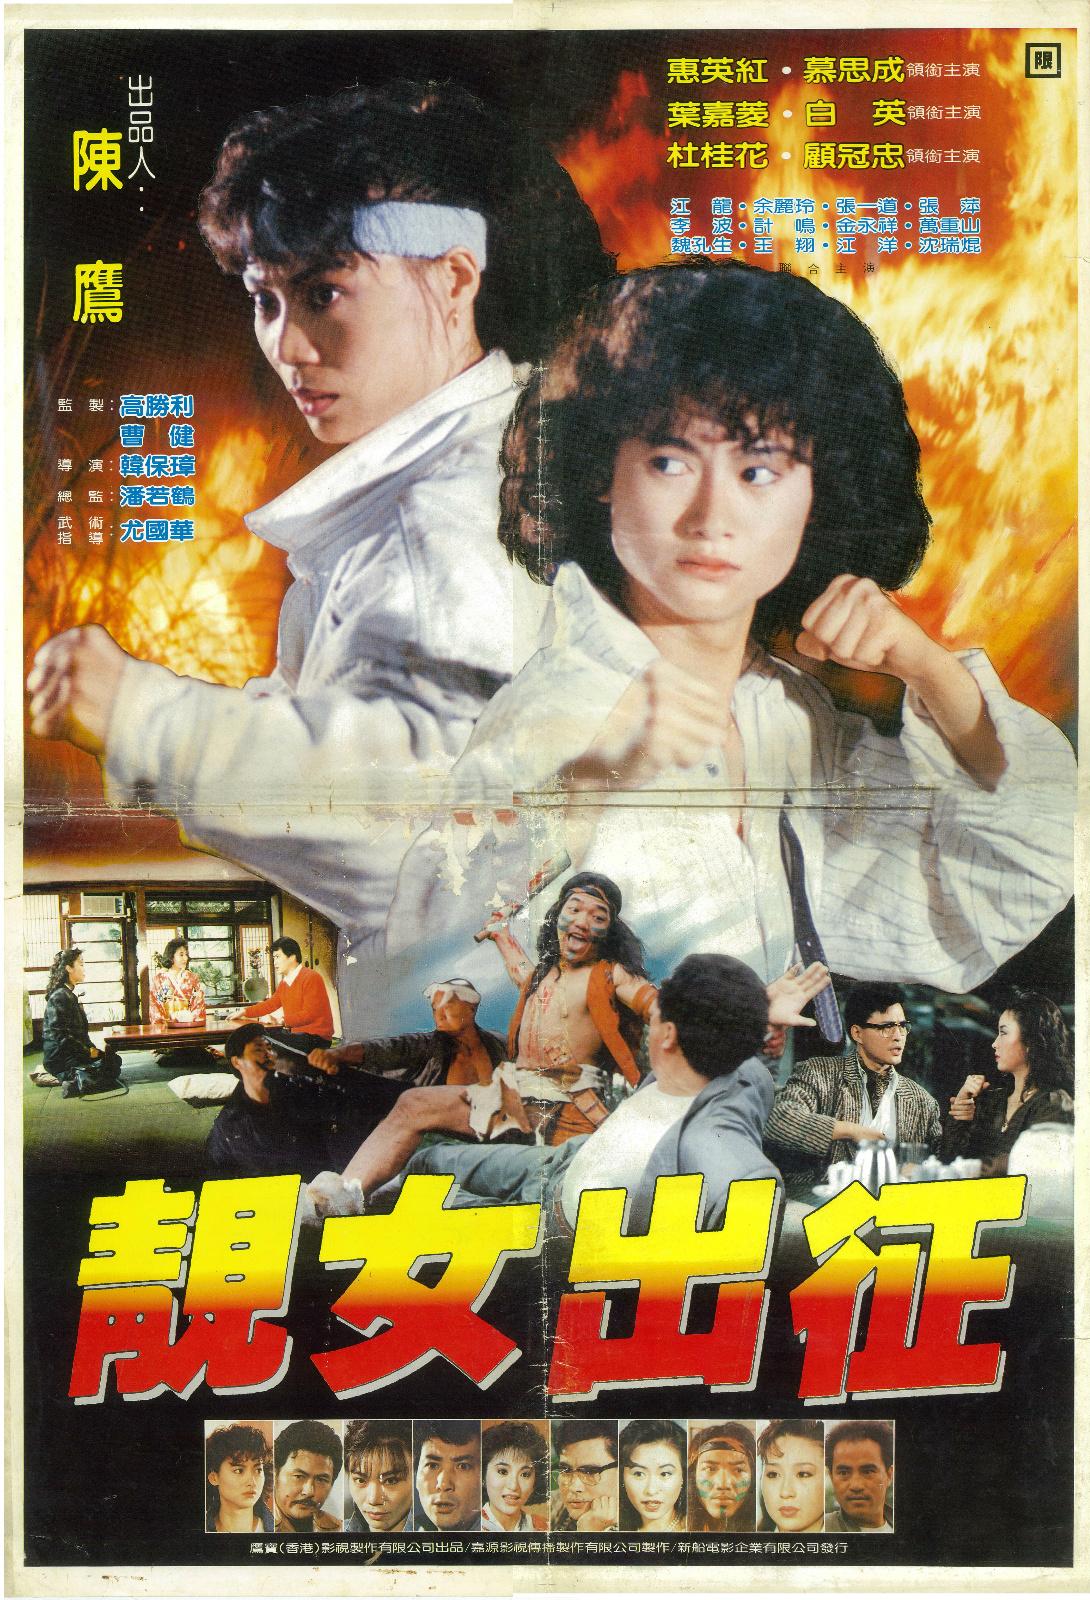 Jing nu chu zheng